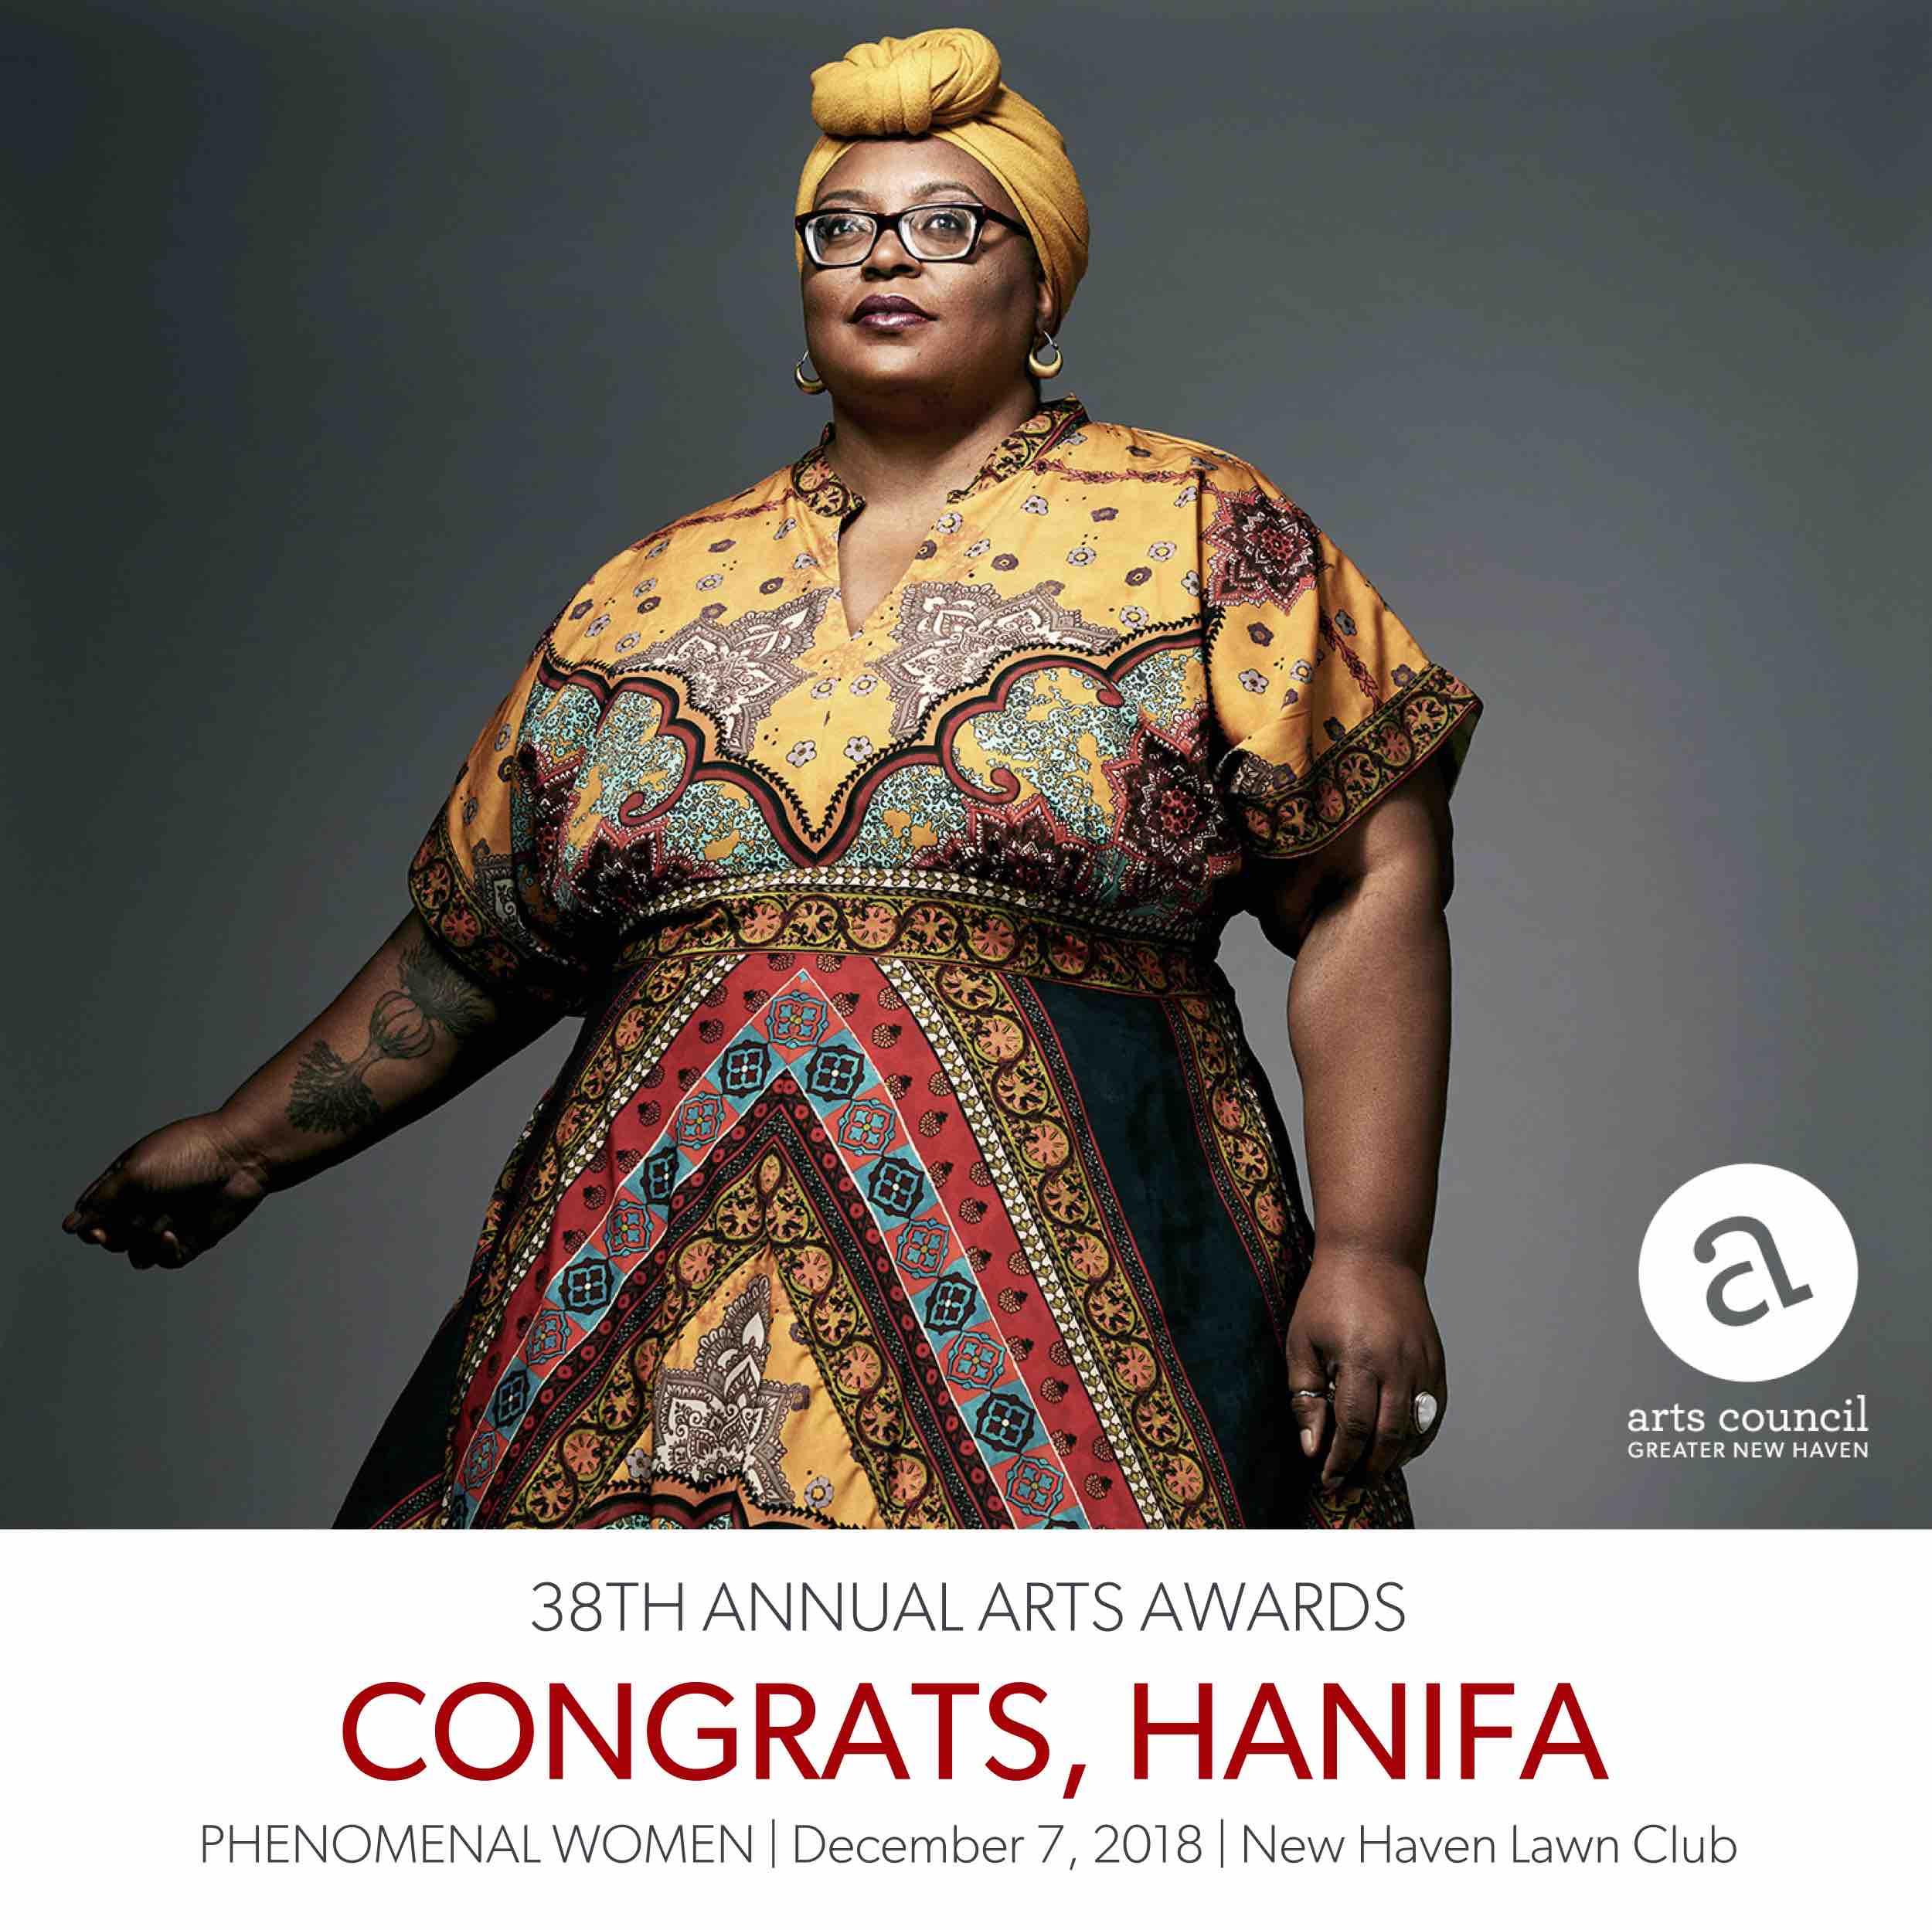 Arts Awards 2018 - Congrats Hanifa